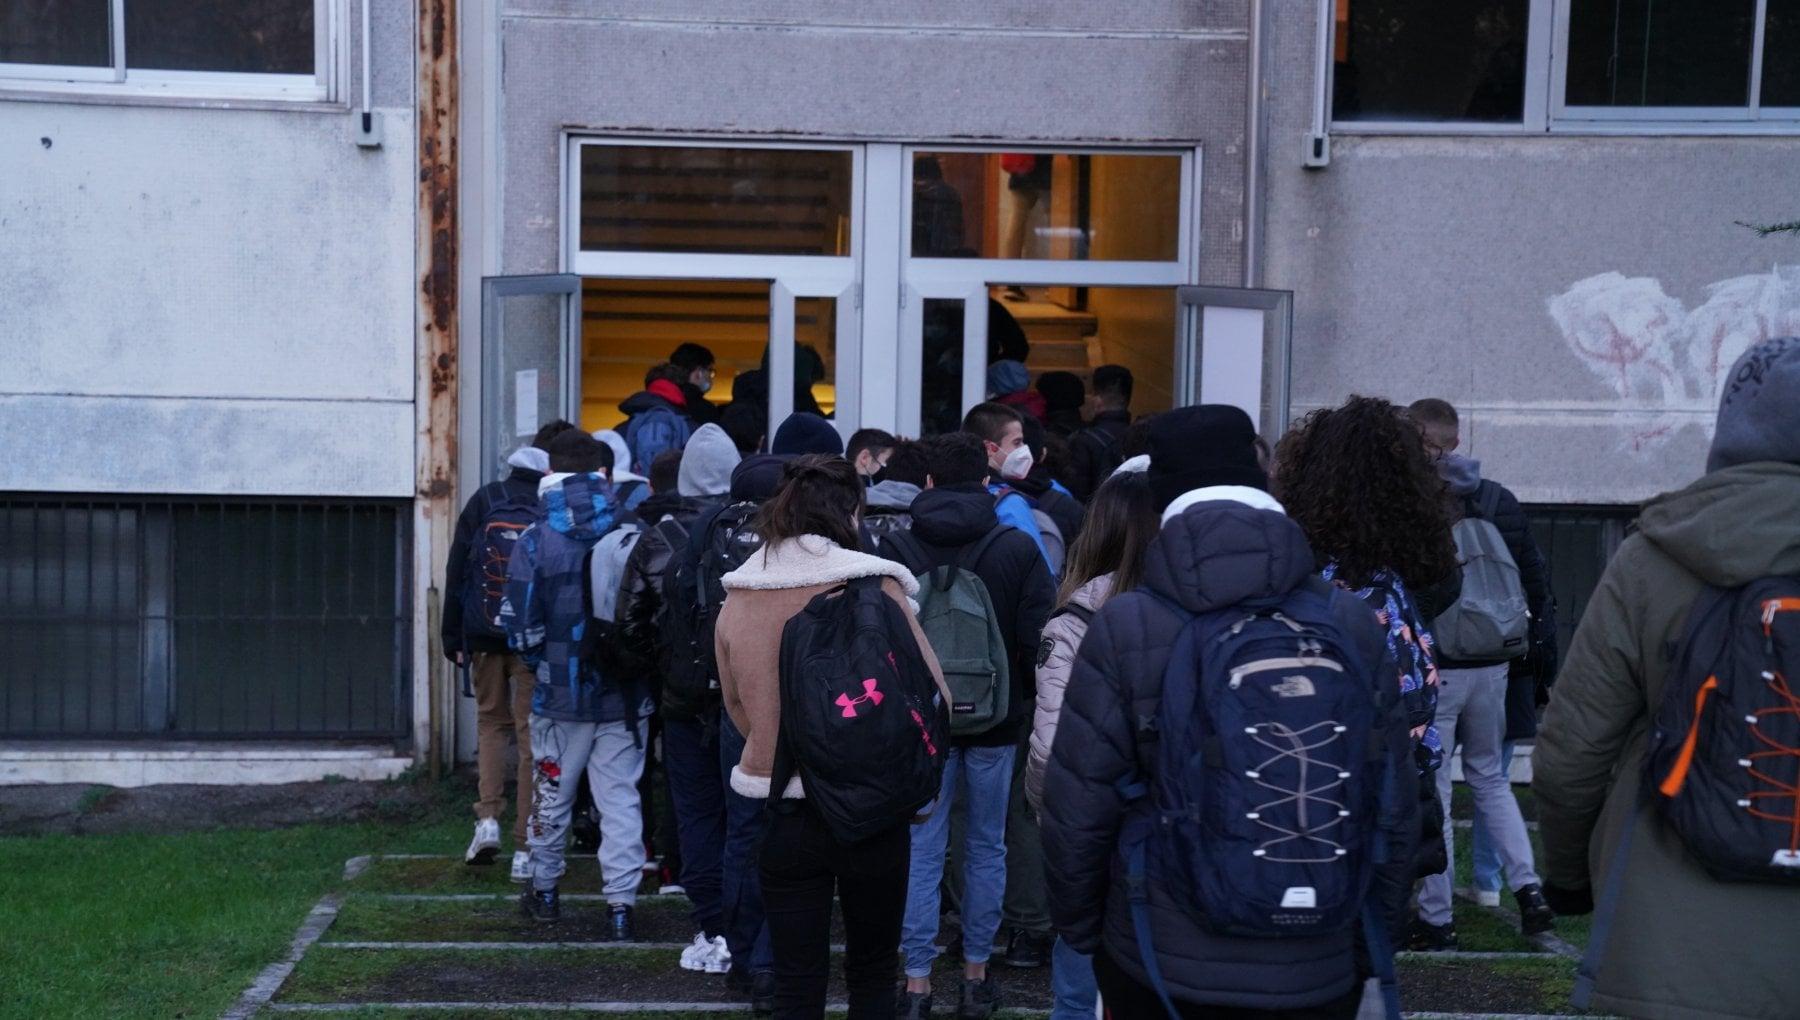 Lombardia zona arancione rientro in classe per 75 mila studenti a Milano. Parte la rivoluzione degli orari della citta